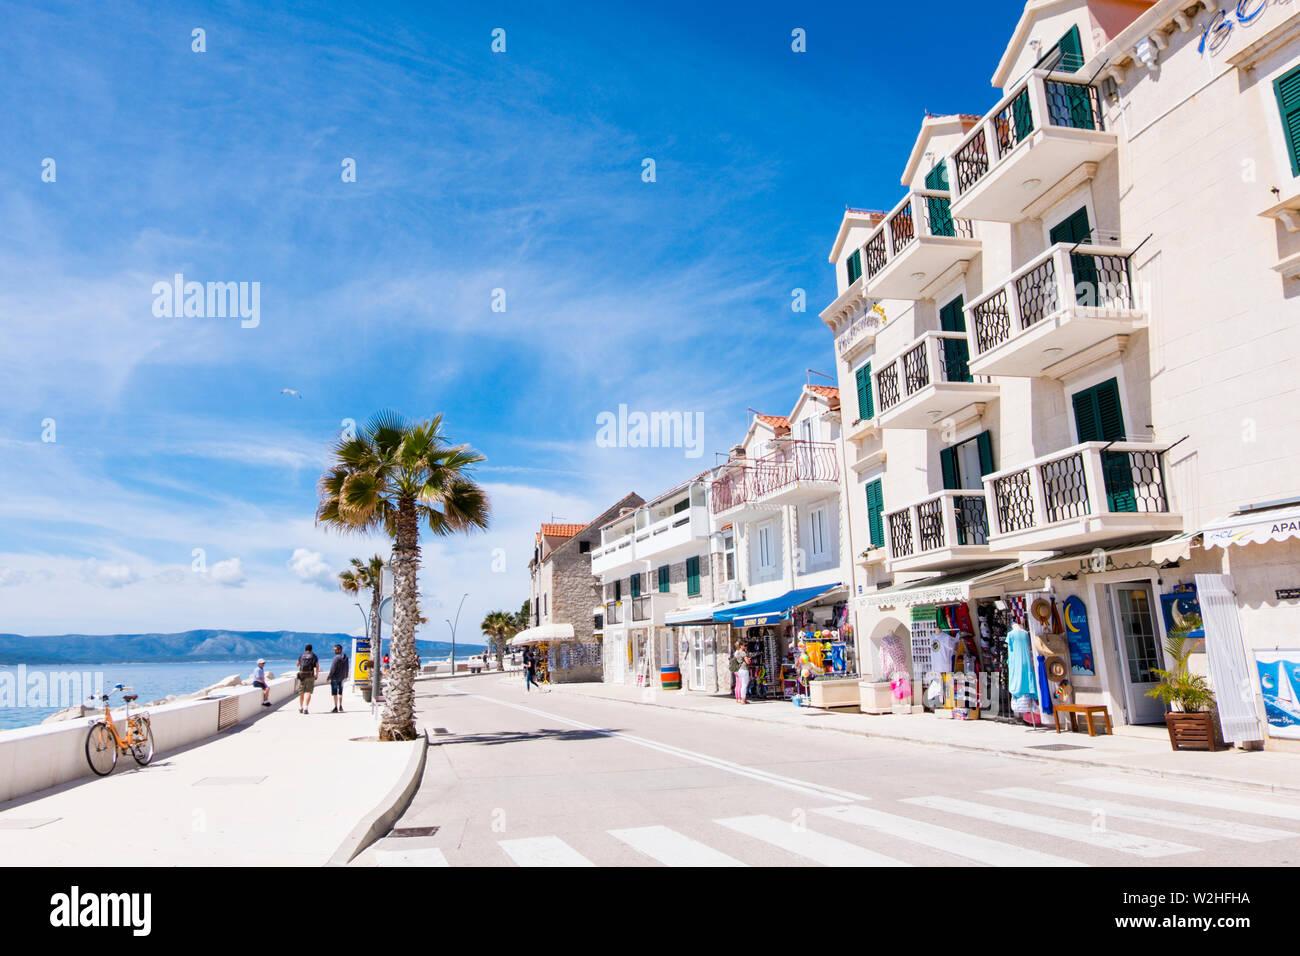 Ulica Vladimira Nazora, station street, Bol, Brac, Dalmatie, Croatie Photo Stock